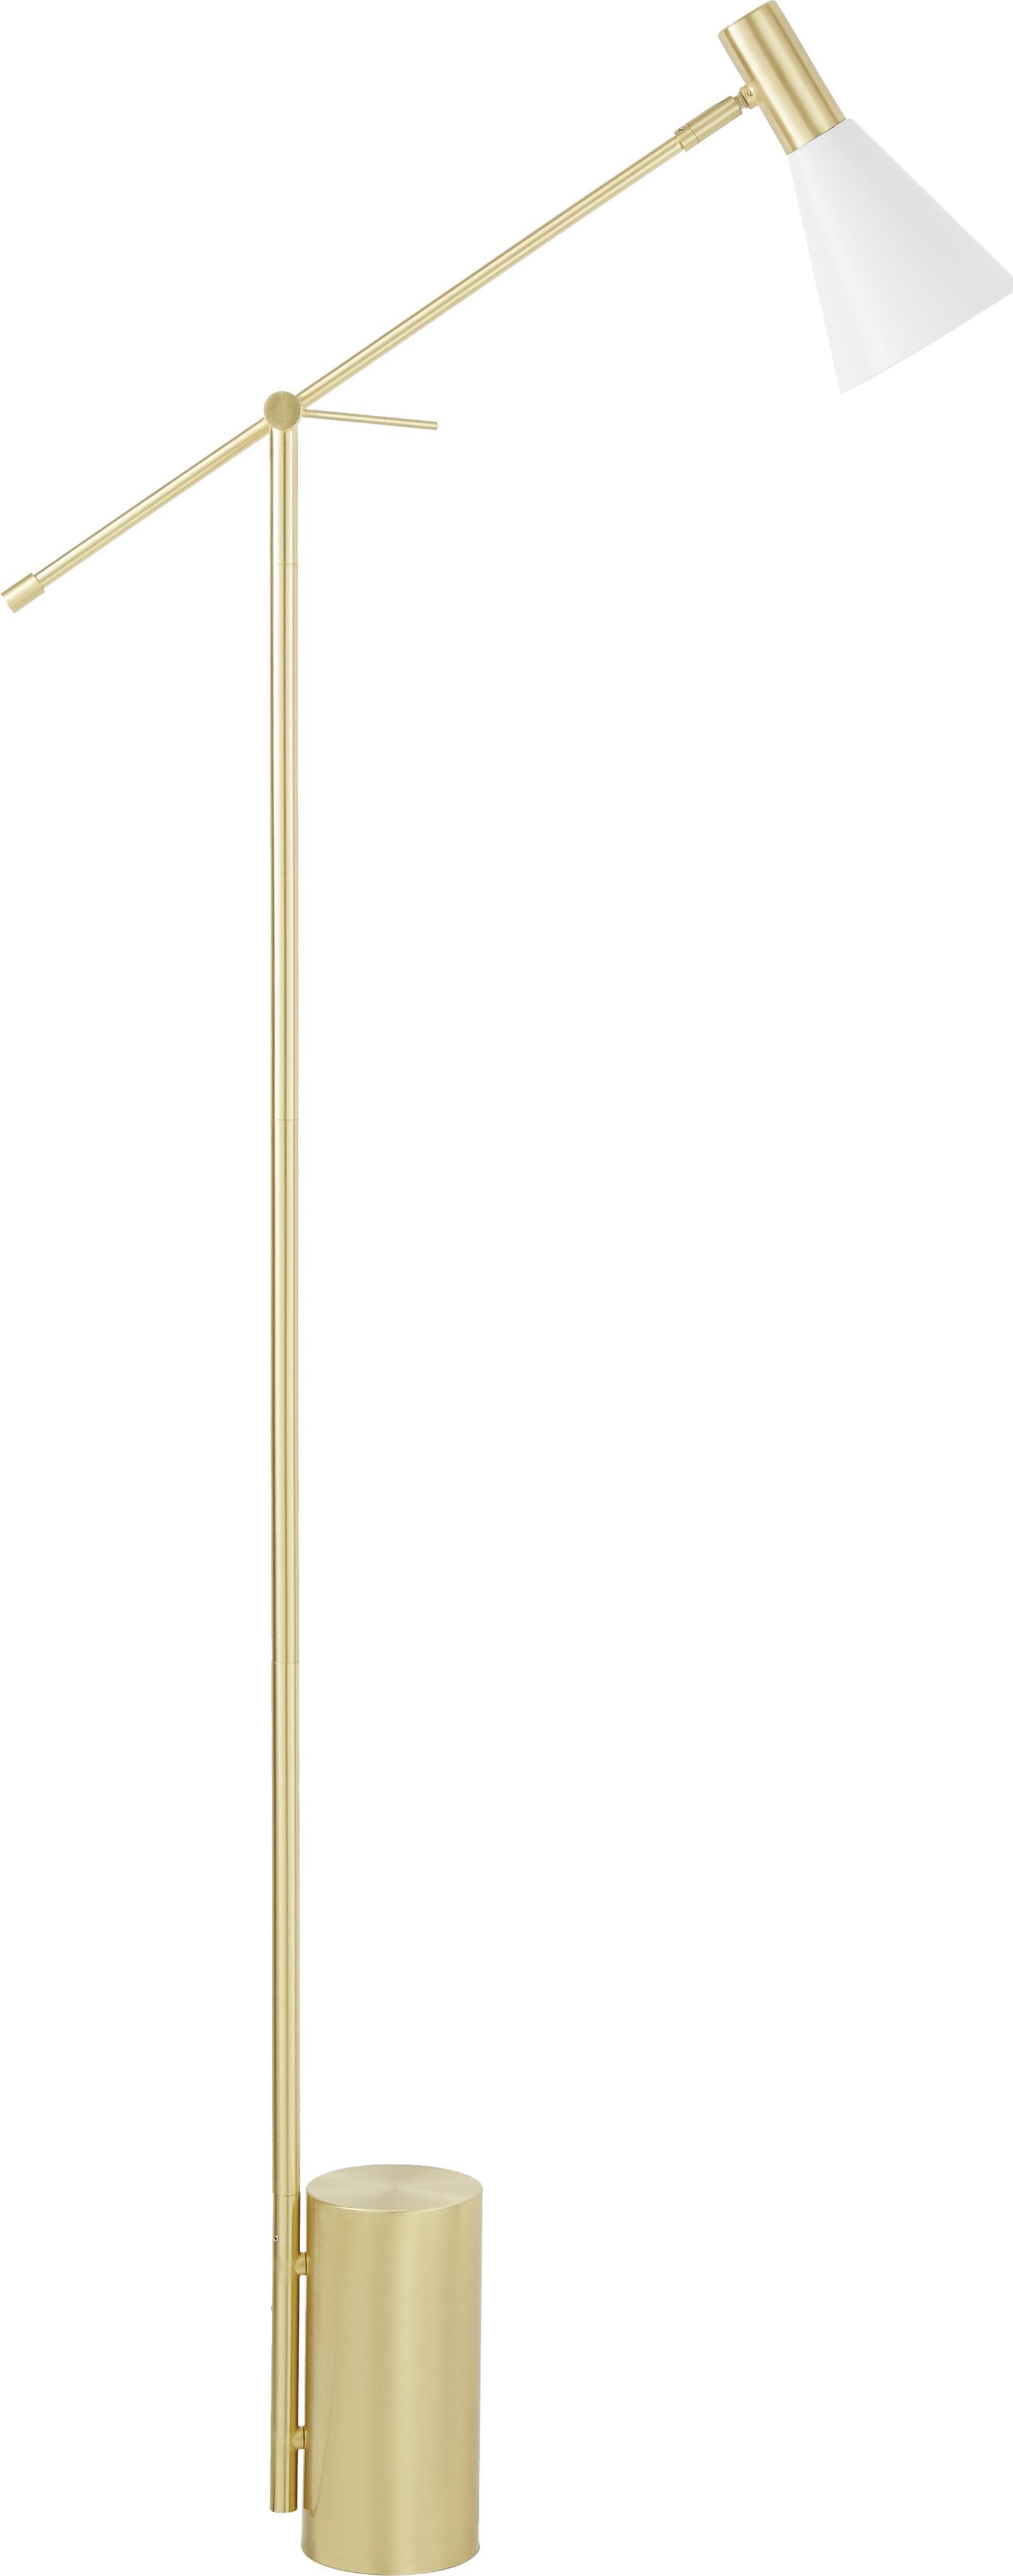 Retro-Leselampe Sia in Weiss-Gold, Lampenschirm: Metall, pulverbeschichtet, Weiss, Messingfarben, Ø 14 x H 162 cm